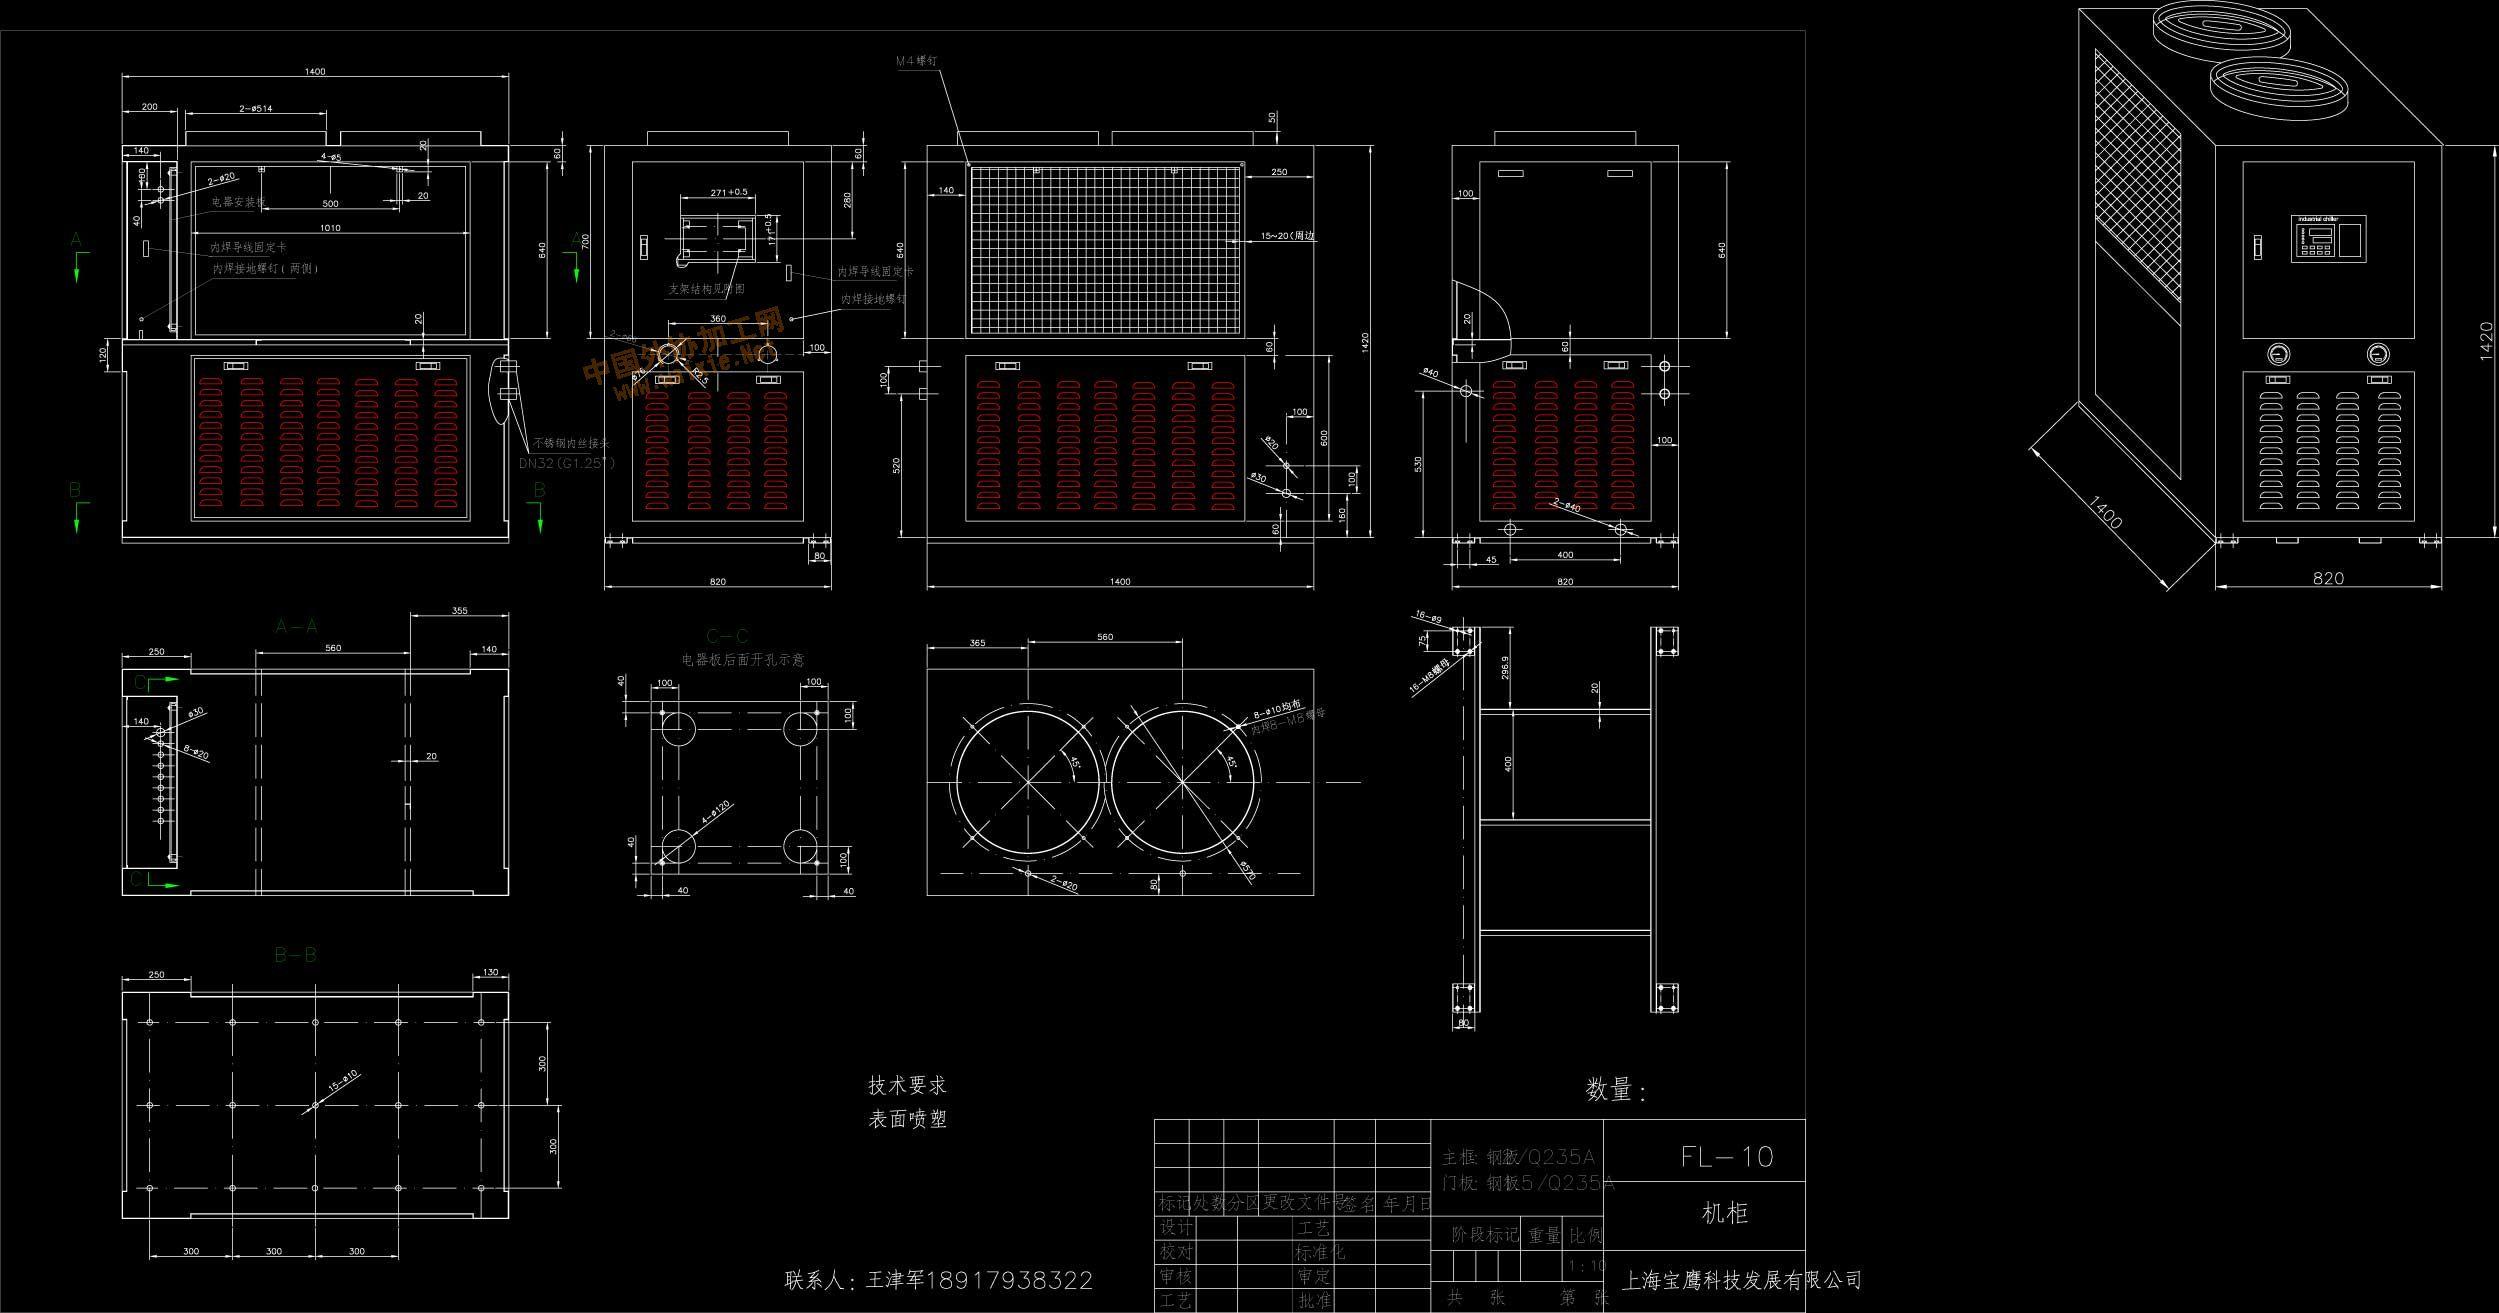 机柜电路原理图